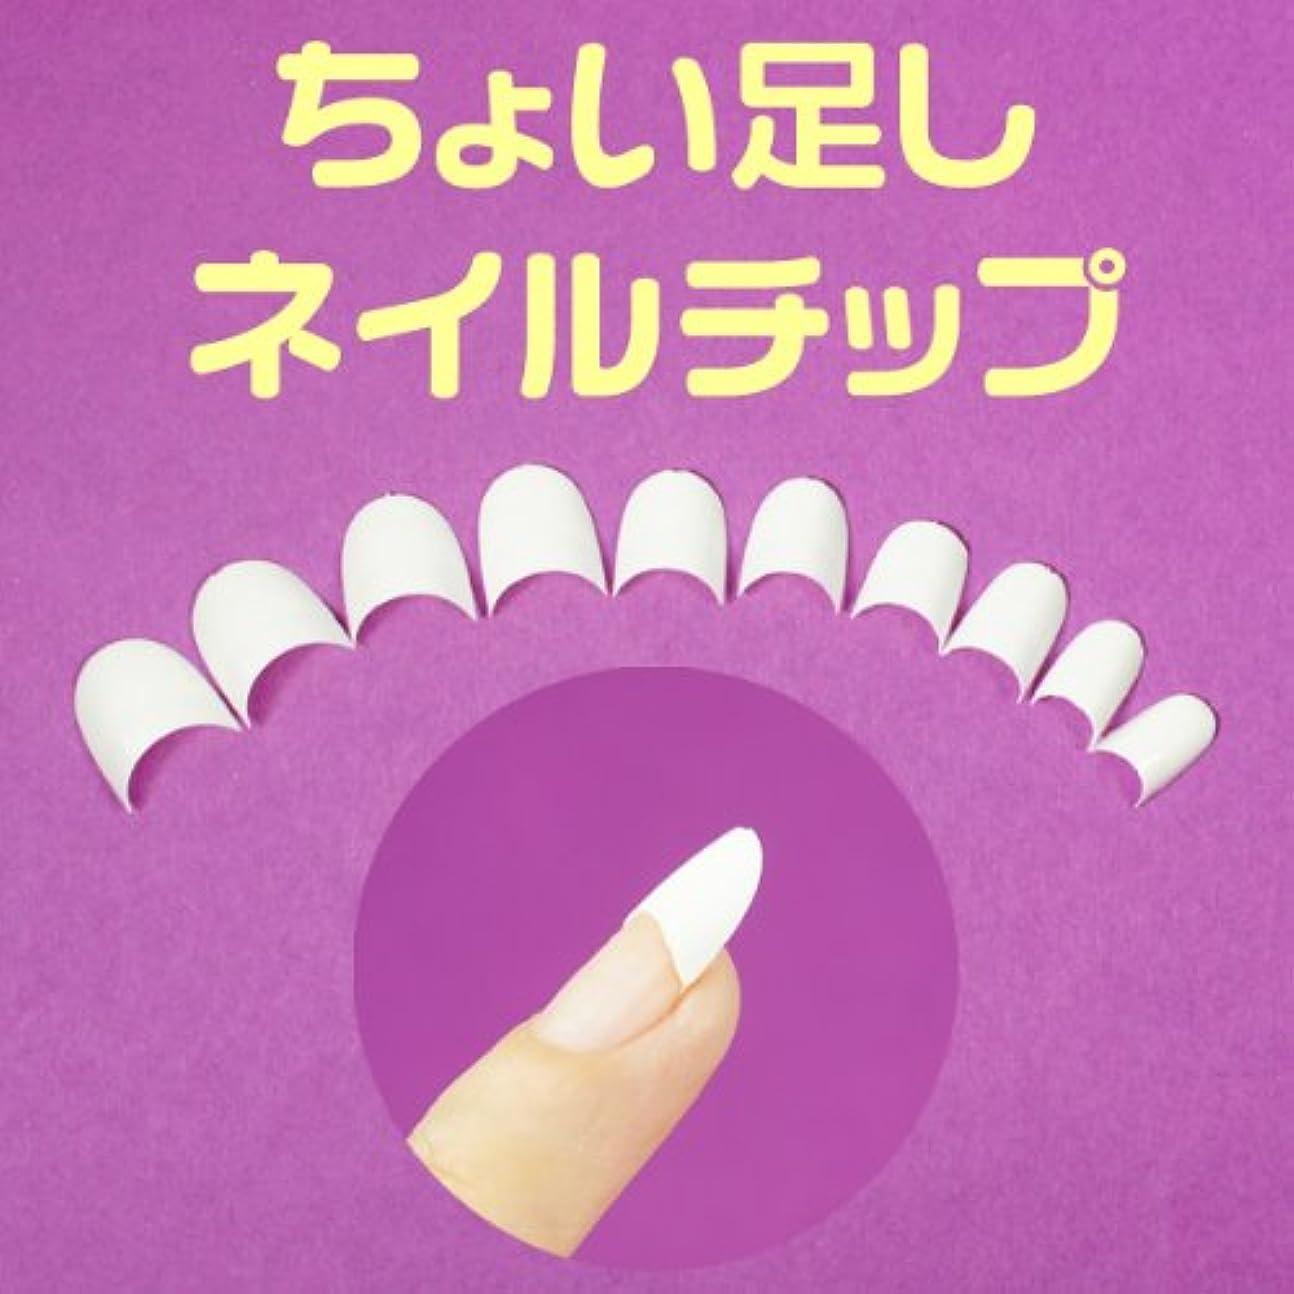 画家提案する偶然の白いちょい足しネイルチップ 超短いハーフチップ スカルプチャー ジェルネイル ラウンドショートクリアネイルチップ つけ爪付け爪